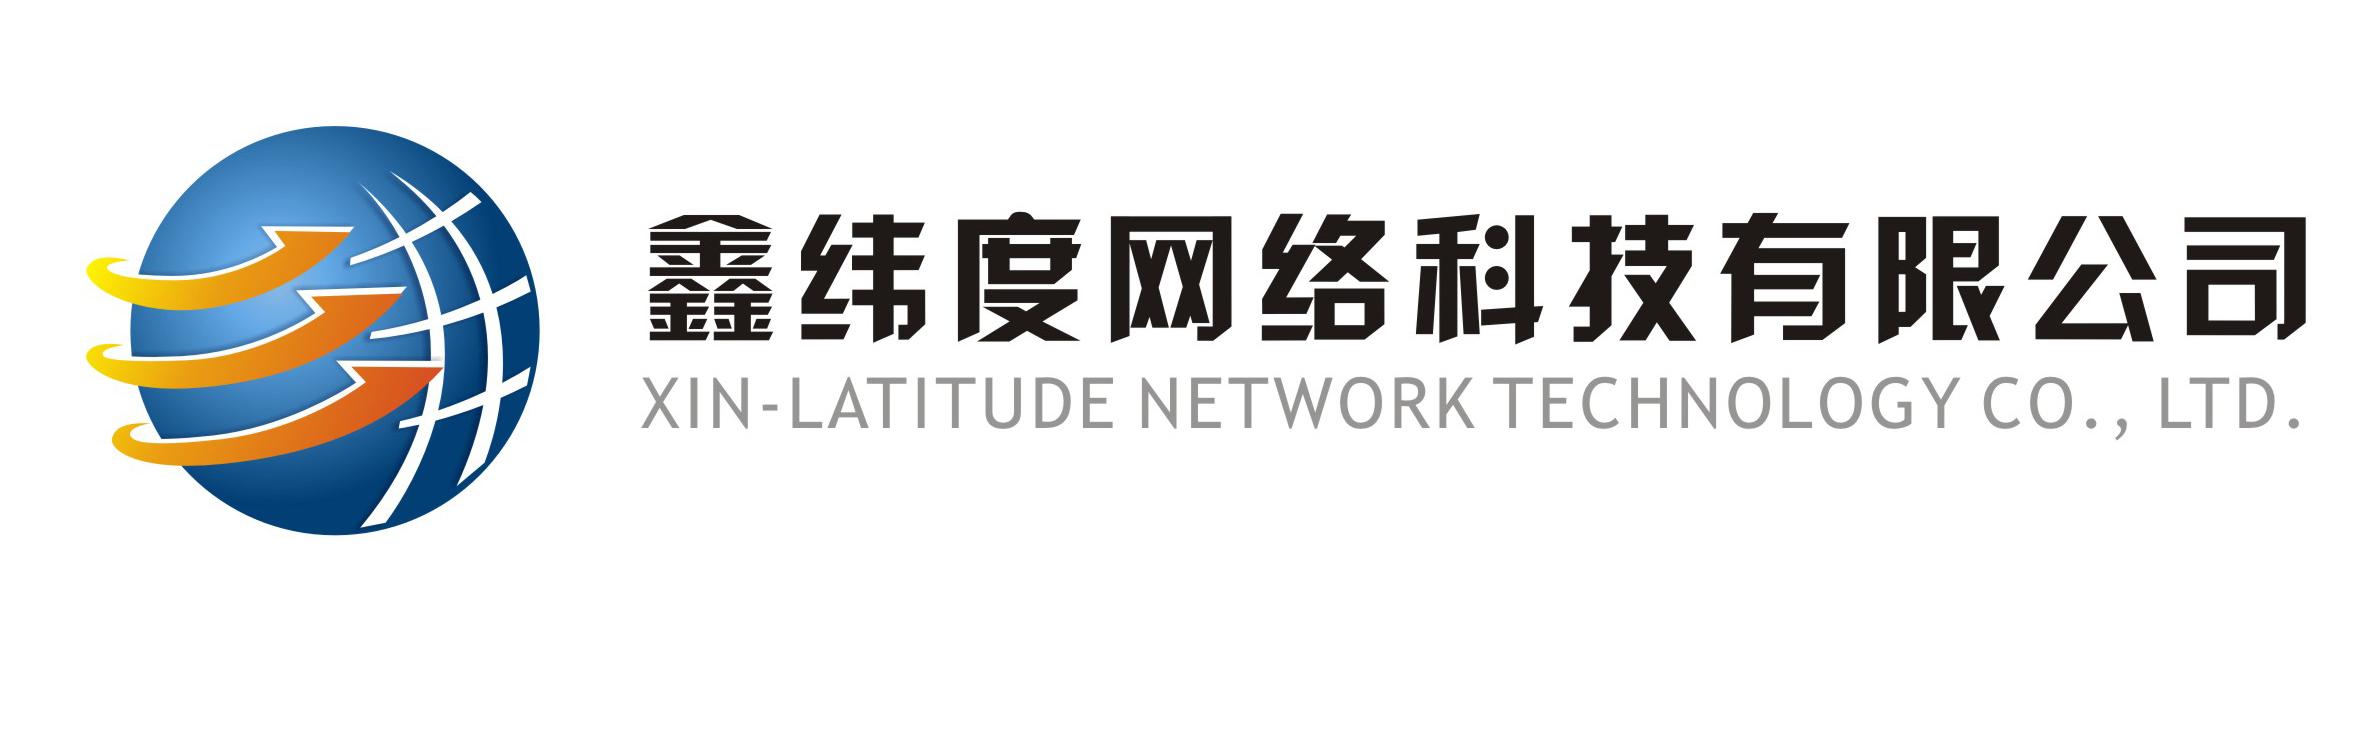 广州市鑫纬度网络科技有限公司